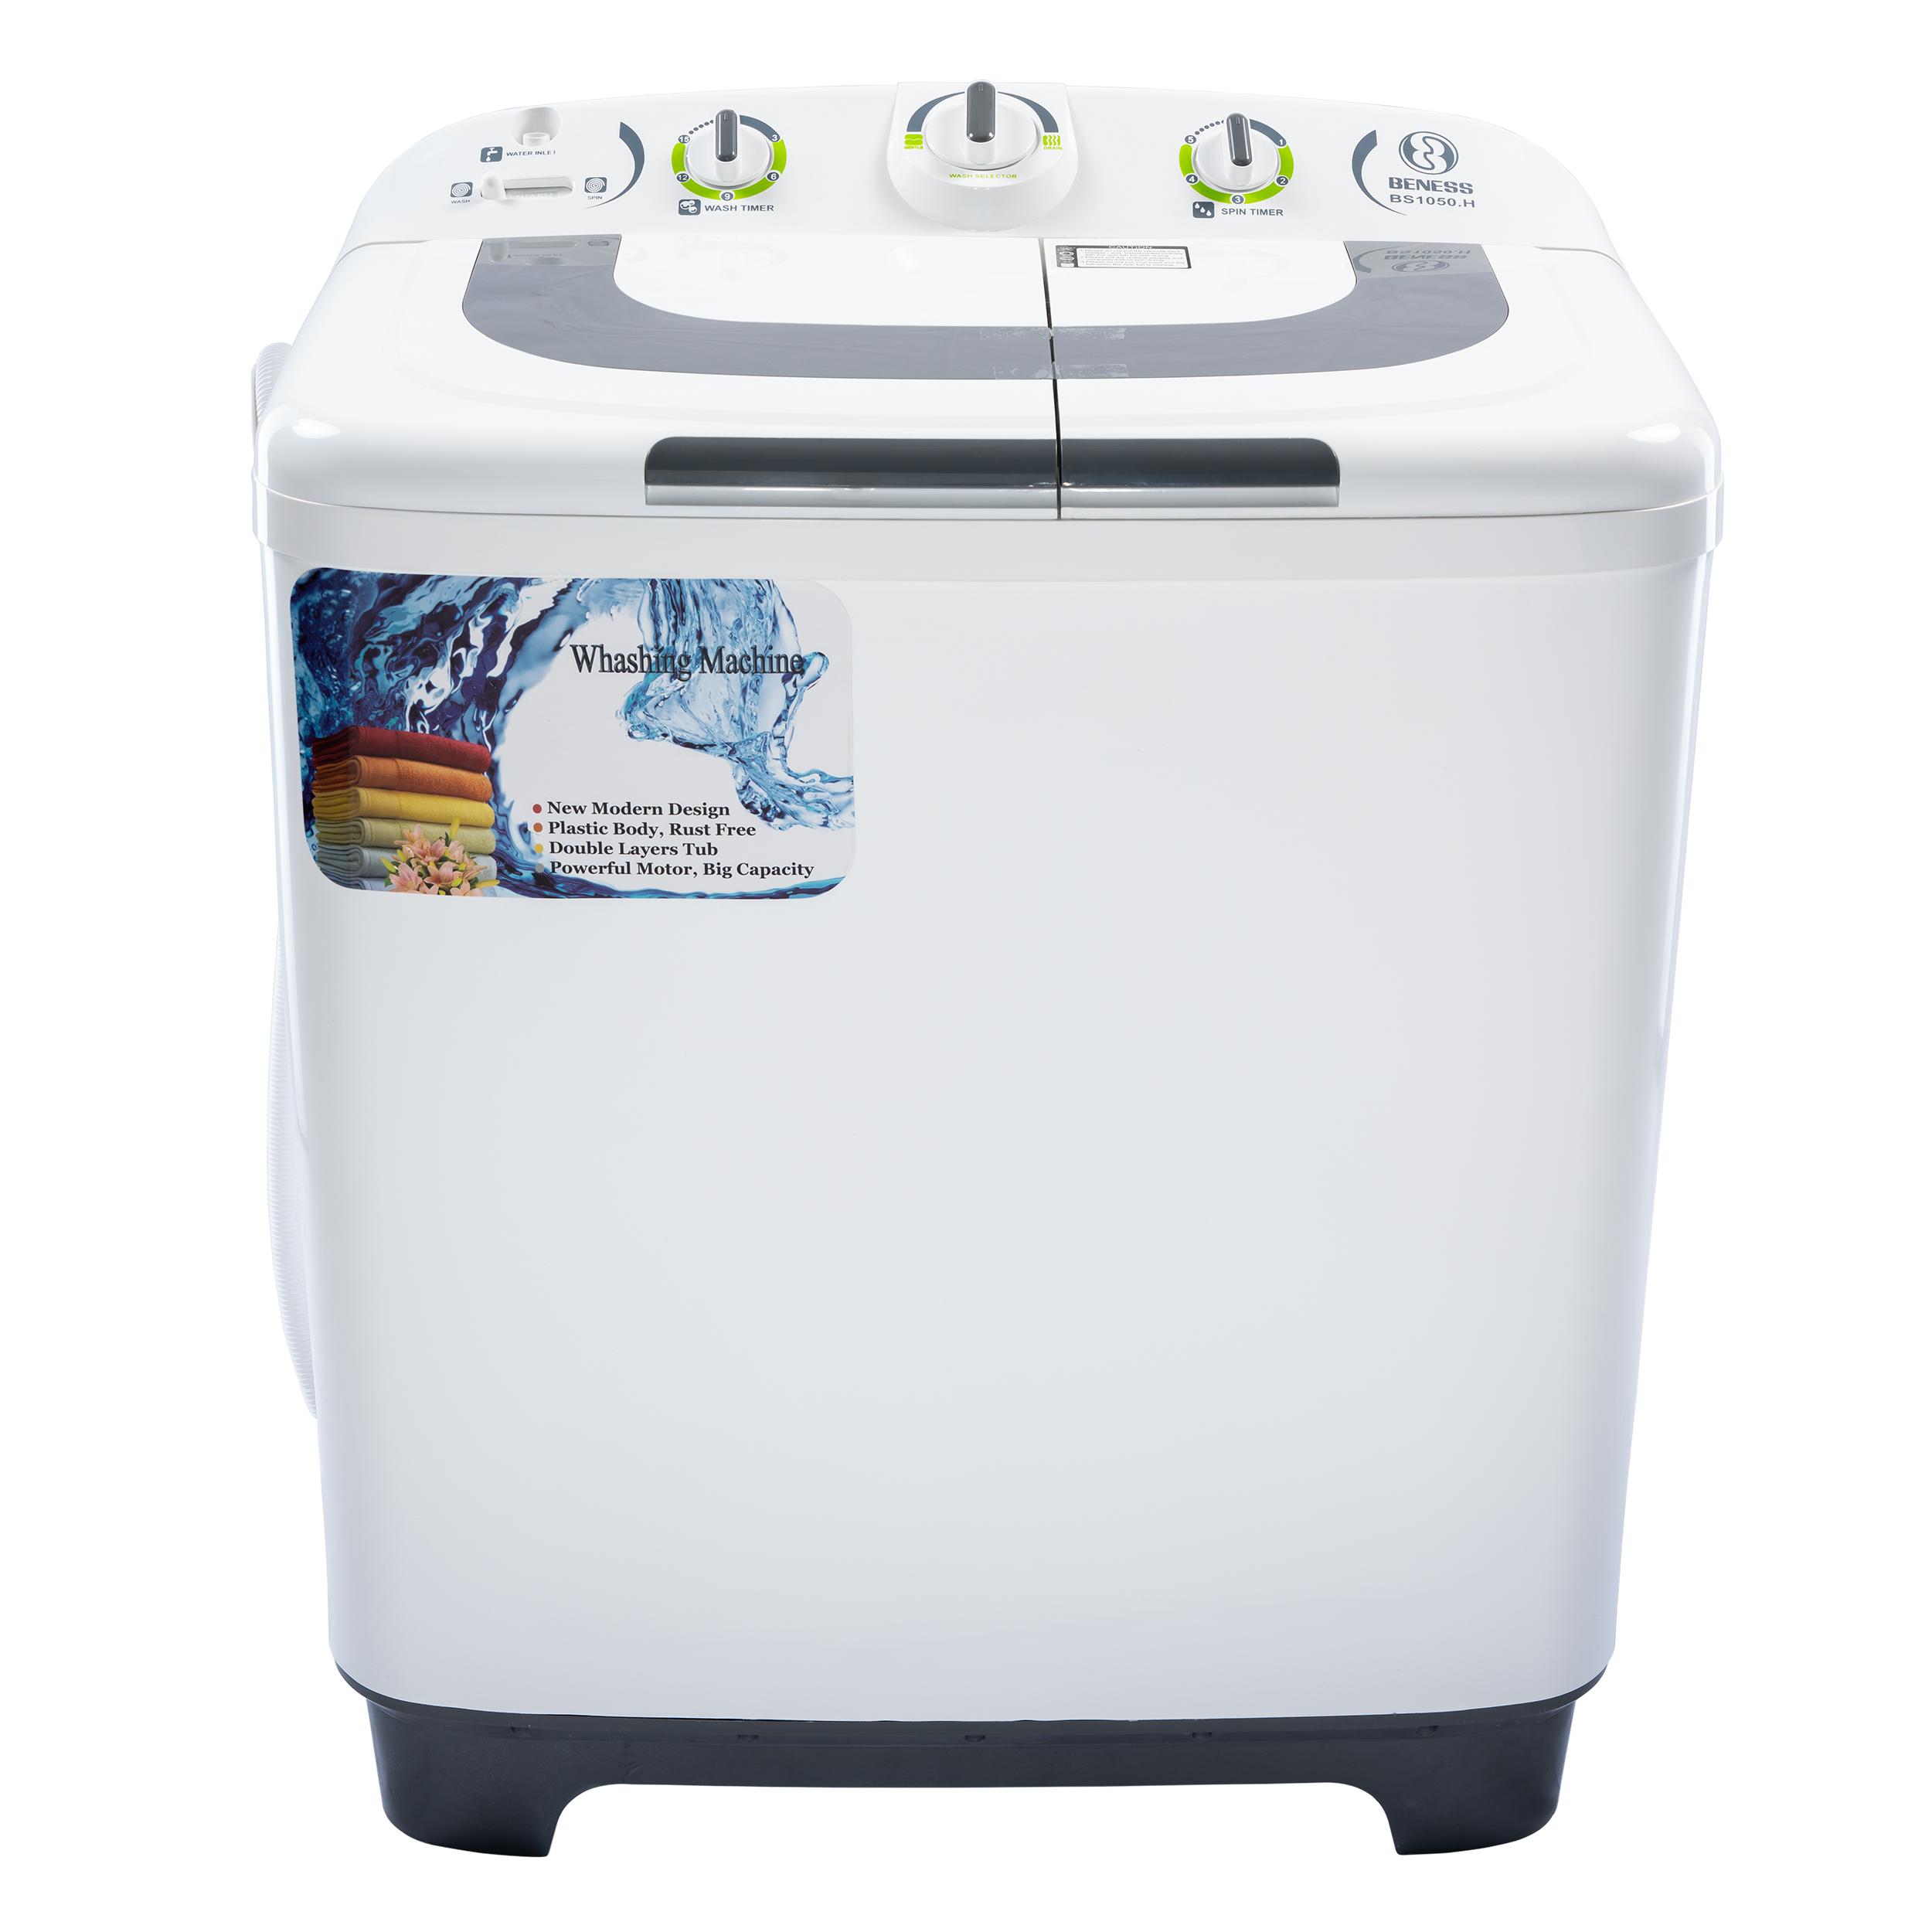 ماشین لباسشویی بنس مدل BS1050.H ظرفیت 10.5 کیلوگرم